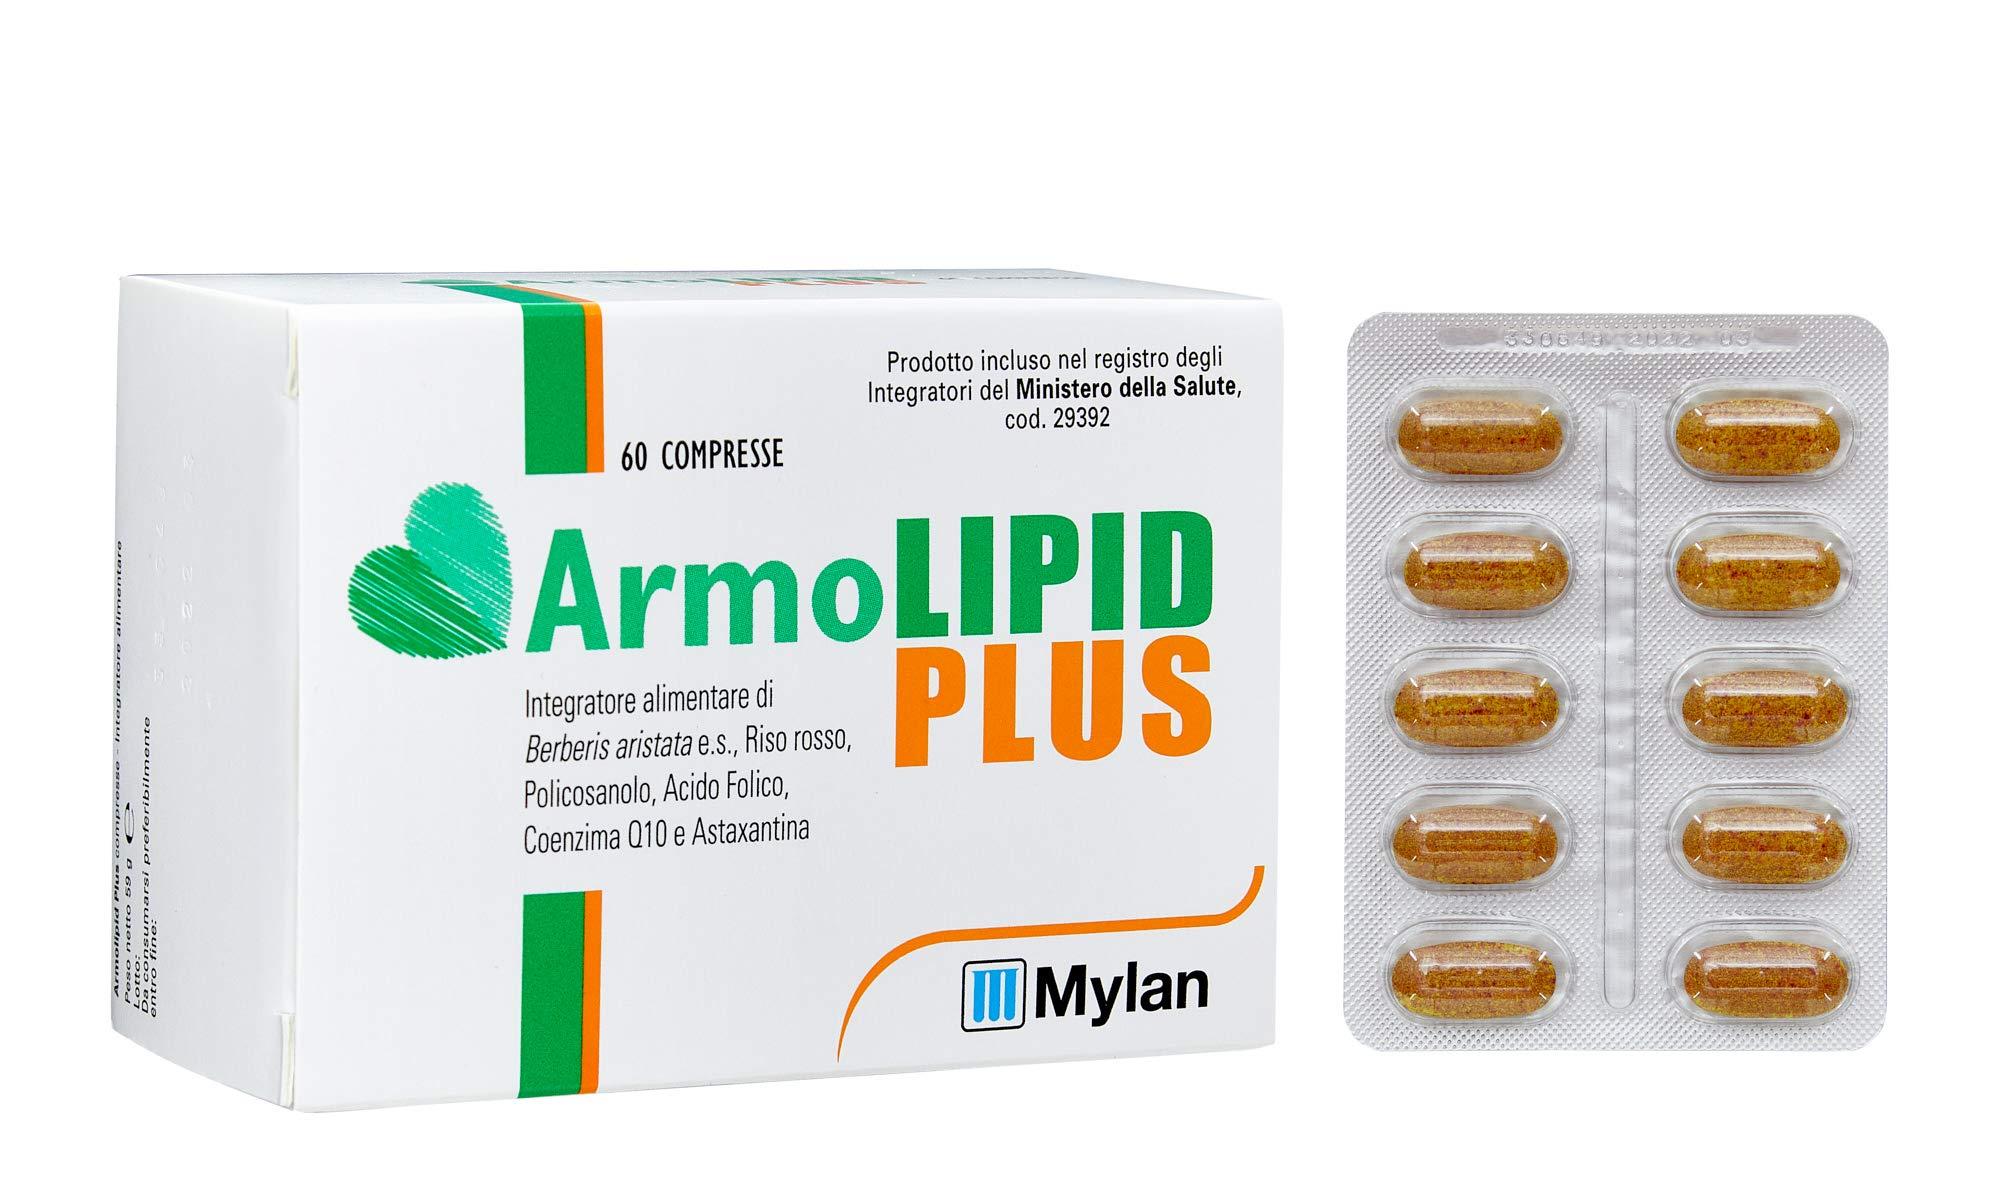 Armolipid Plus integratore alimentare con riso rosso, 30 compresse 5 spesavip